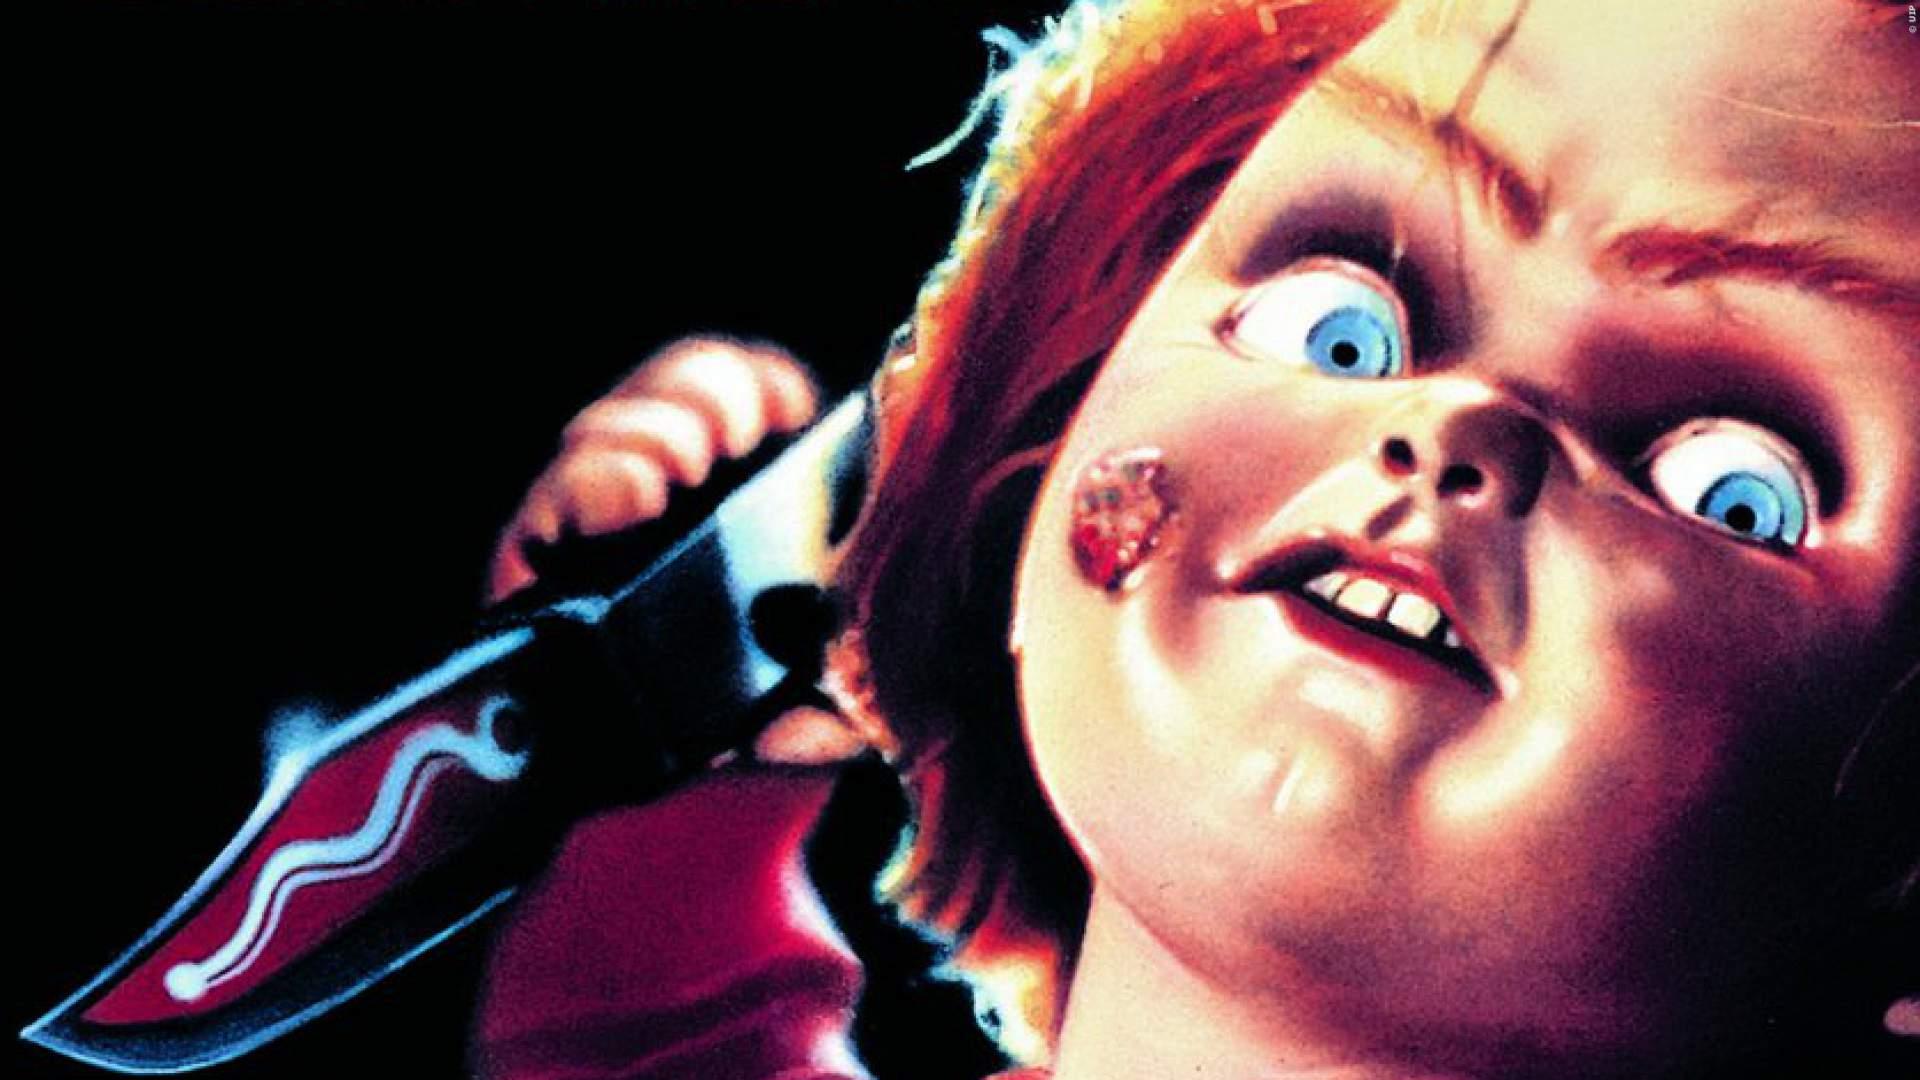 CHUCKY: Die Mörderpuppe ist zurück im Kinderzimmer - Nie war sie tödlicher - 1. Trailer